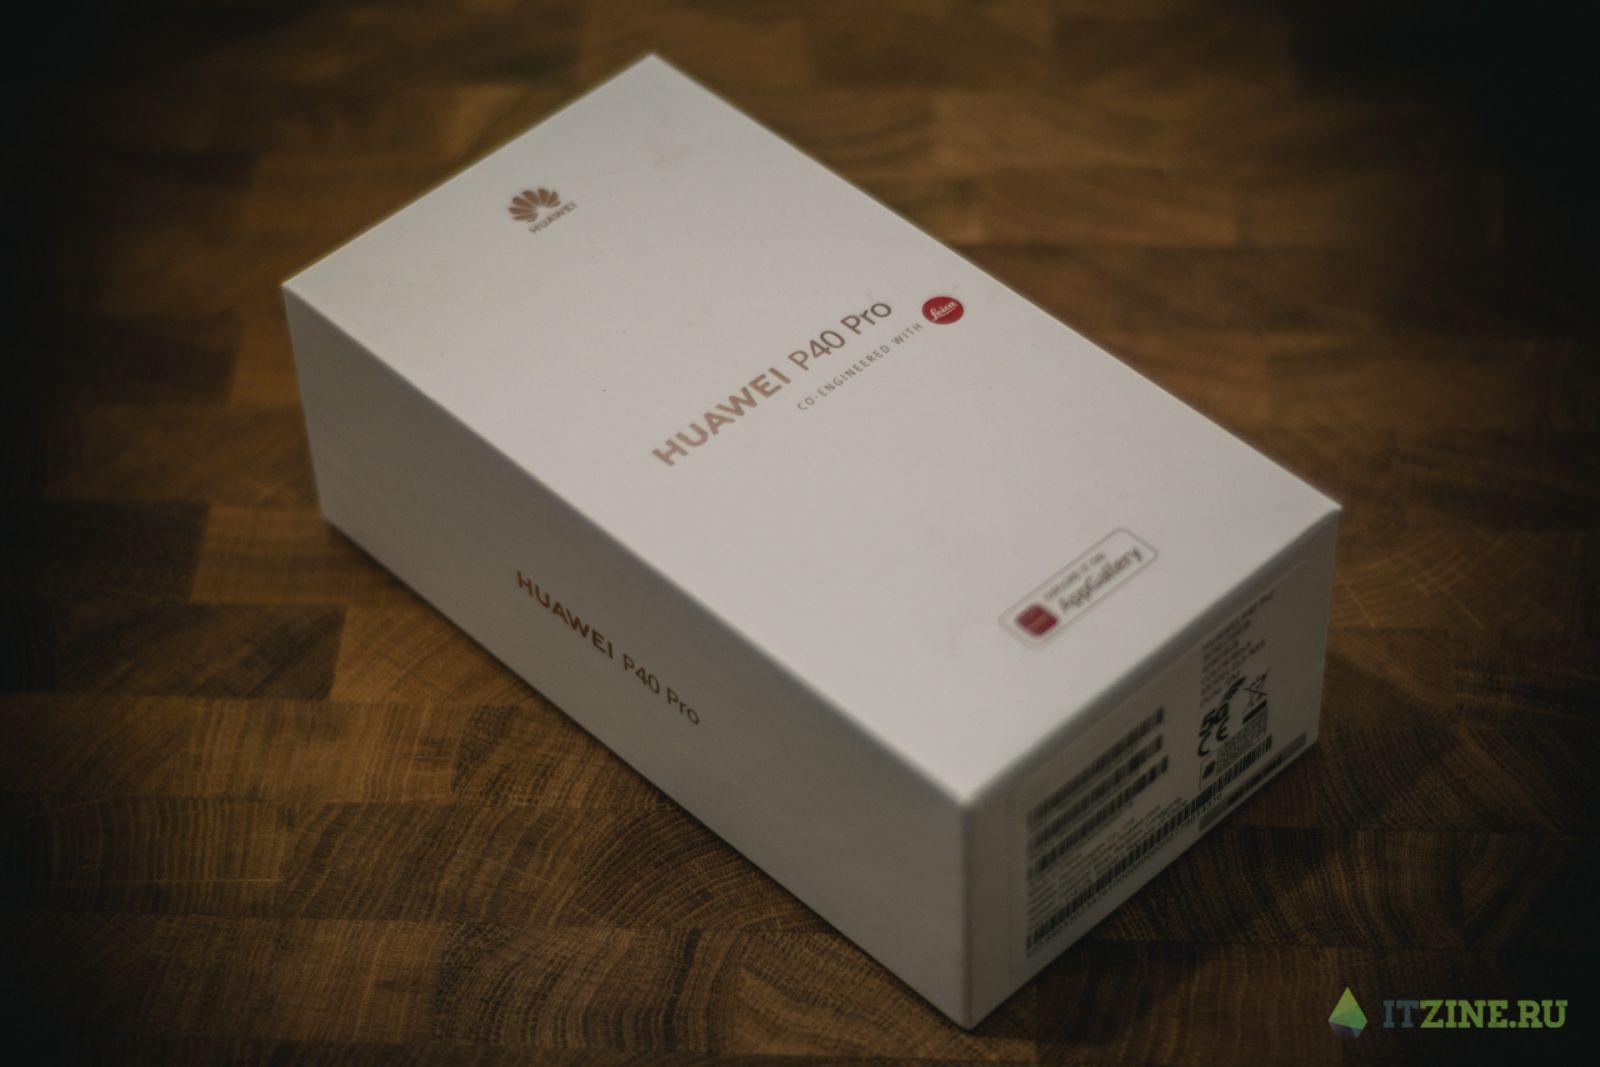 Флагманский камерофон. Обзор Huawei P40 Pro (dsc 8567 edit)